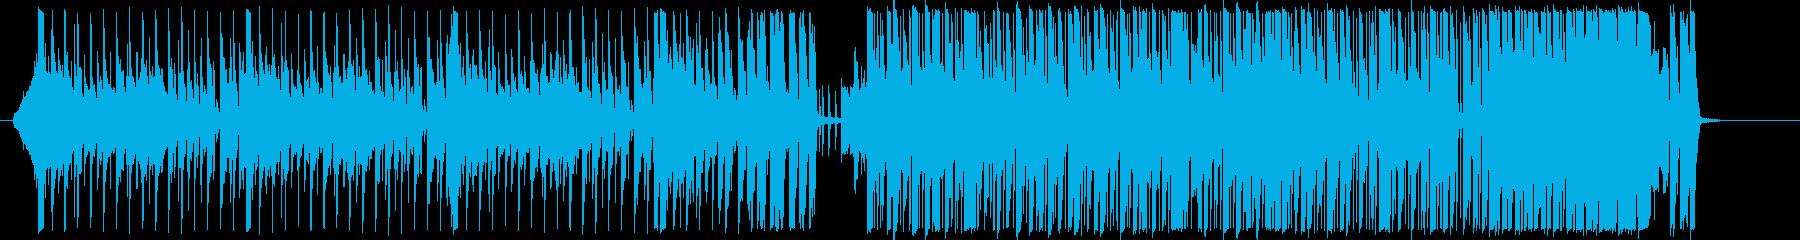 イベント オープニング EDMの再生済みの波形